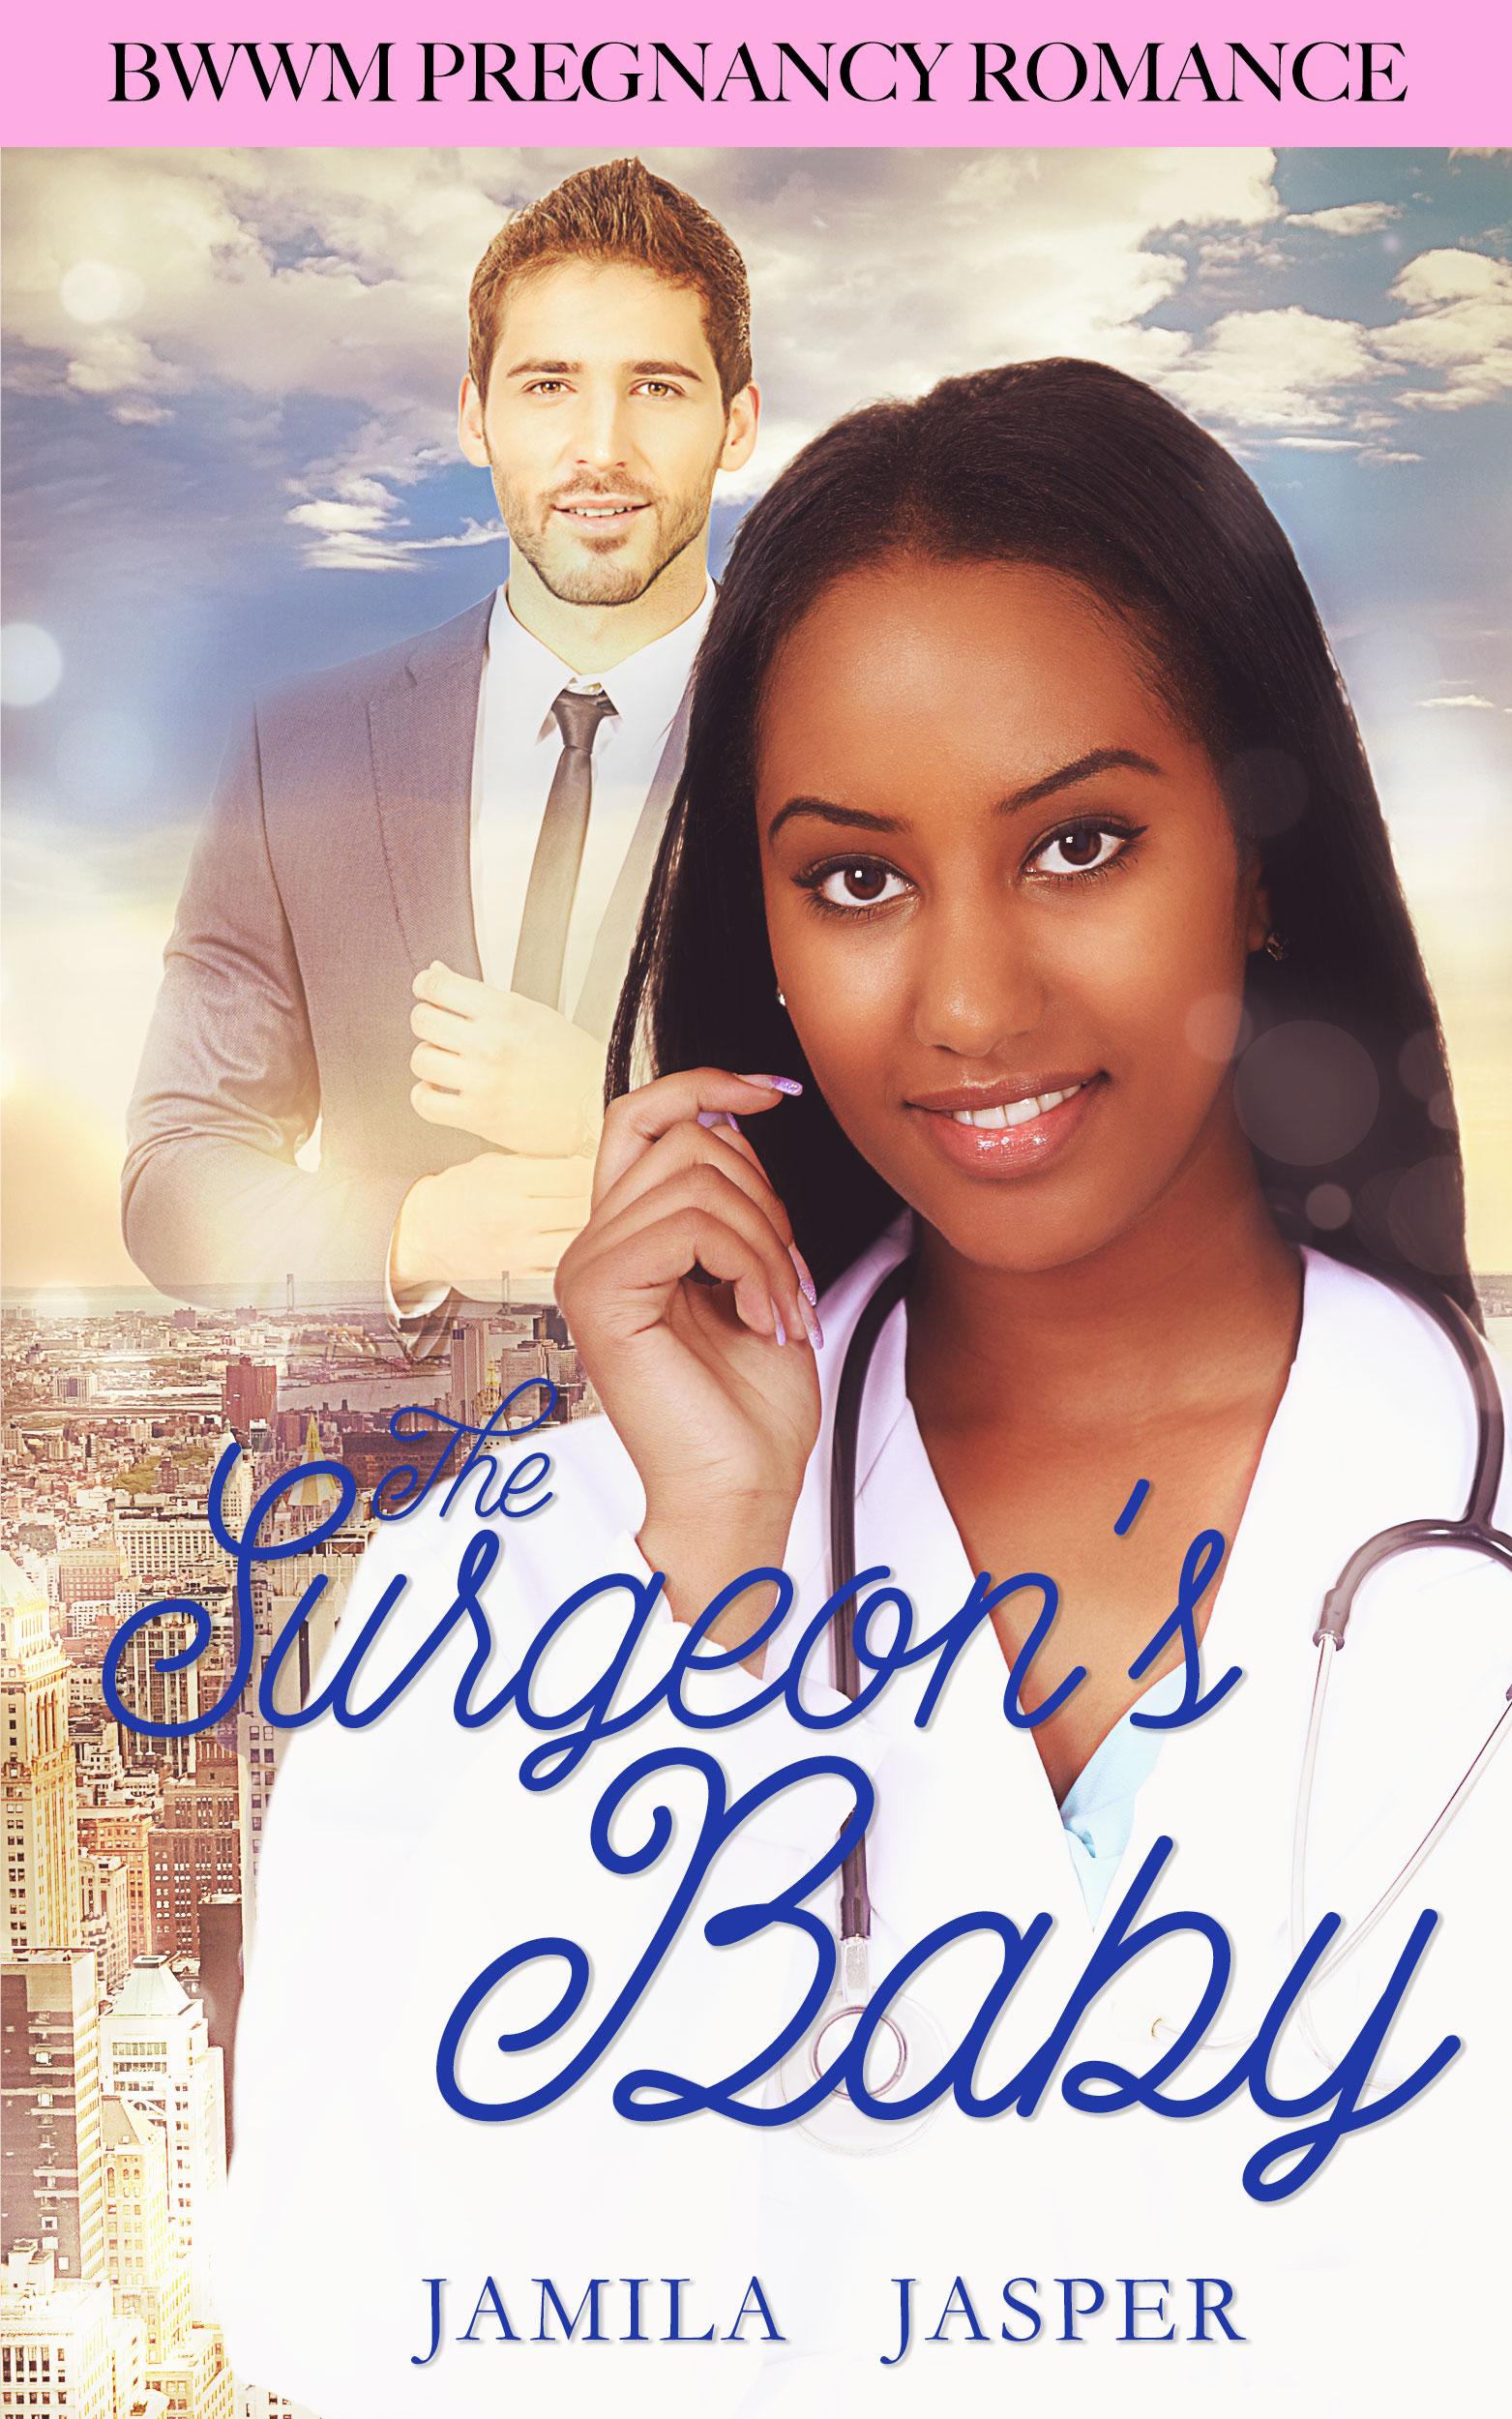 bwwm books the surgeon's baby